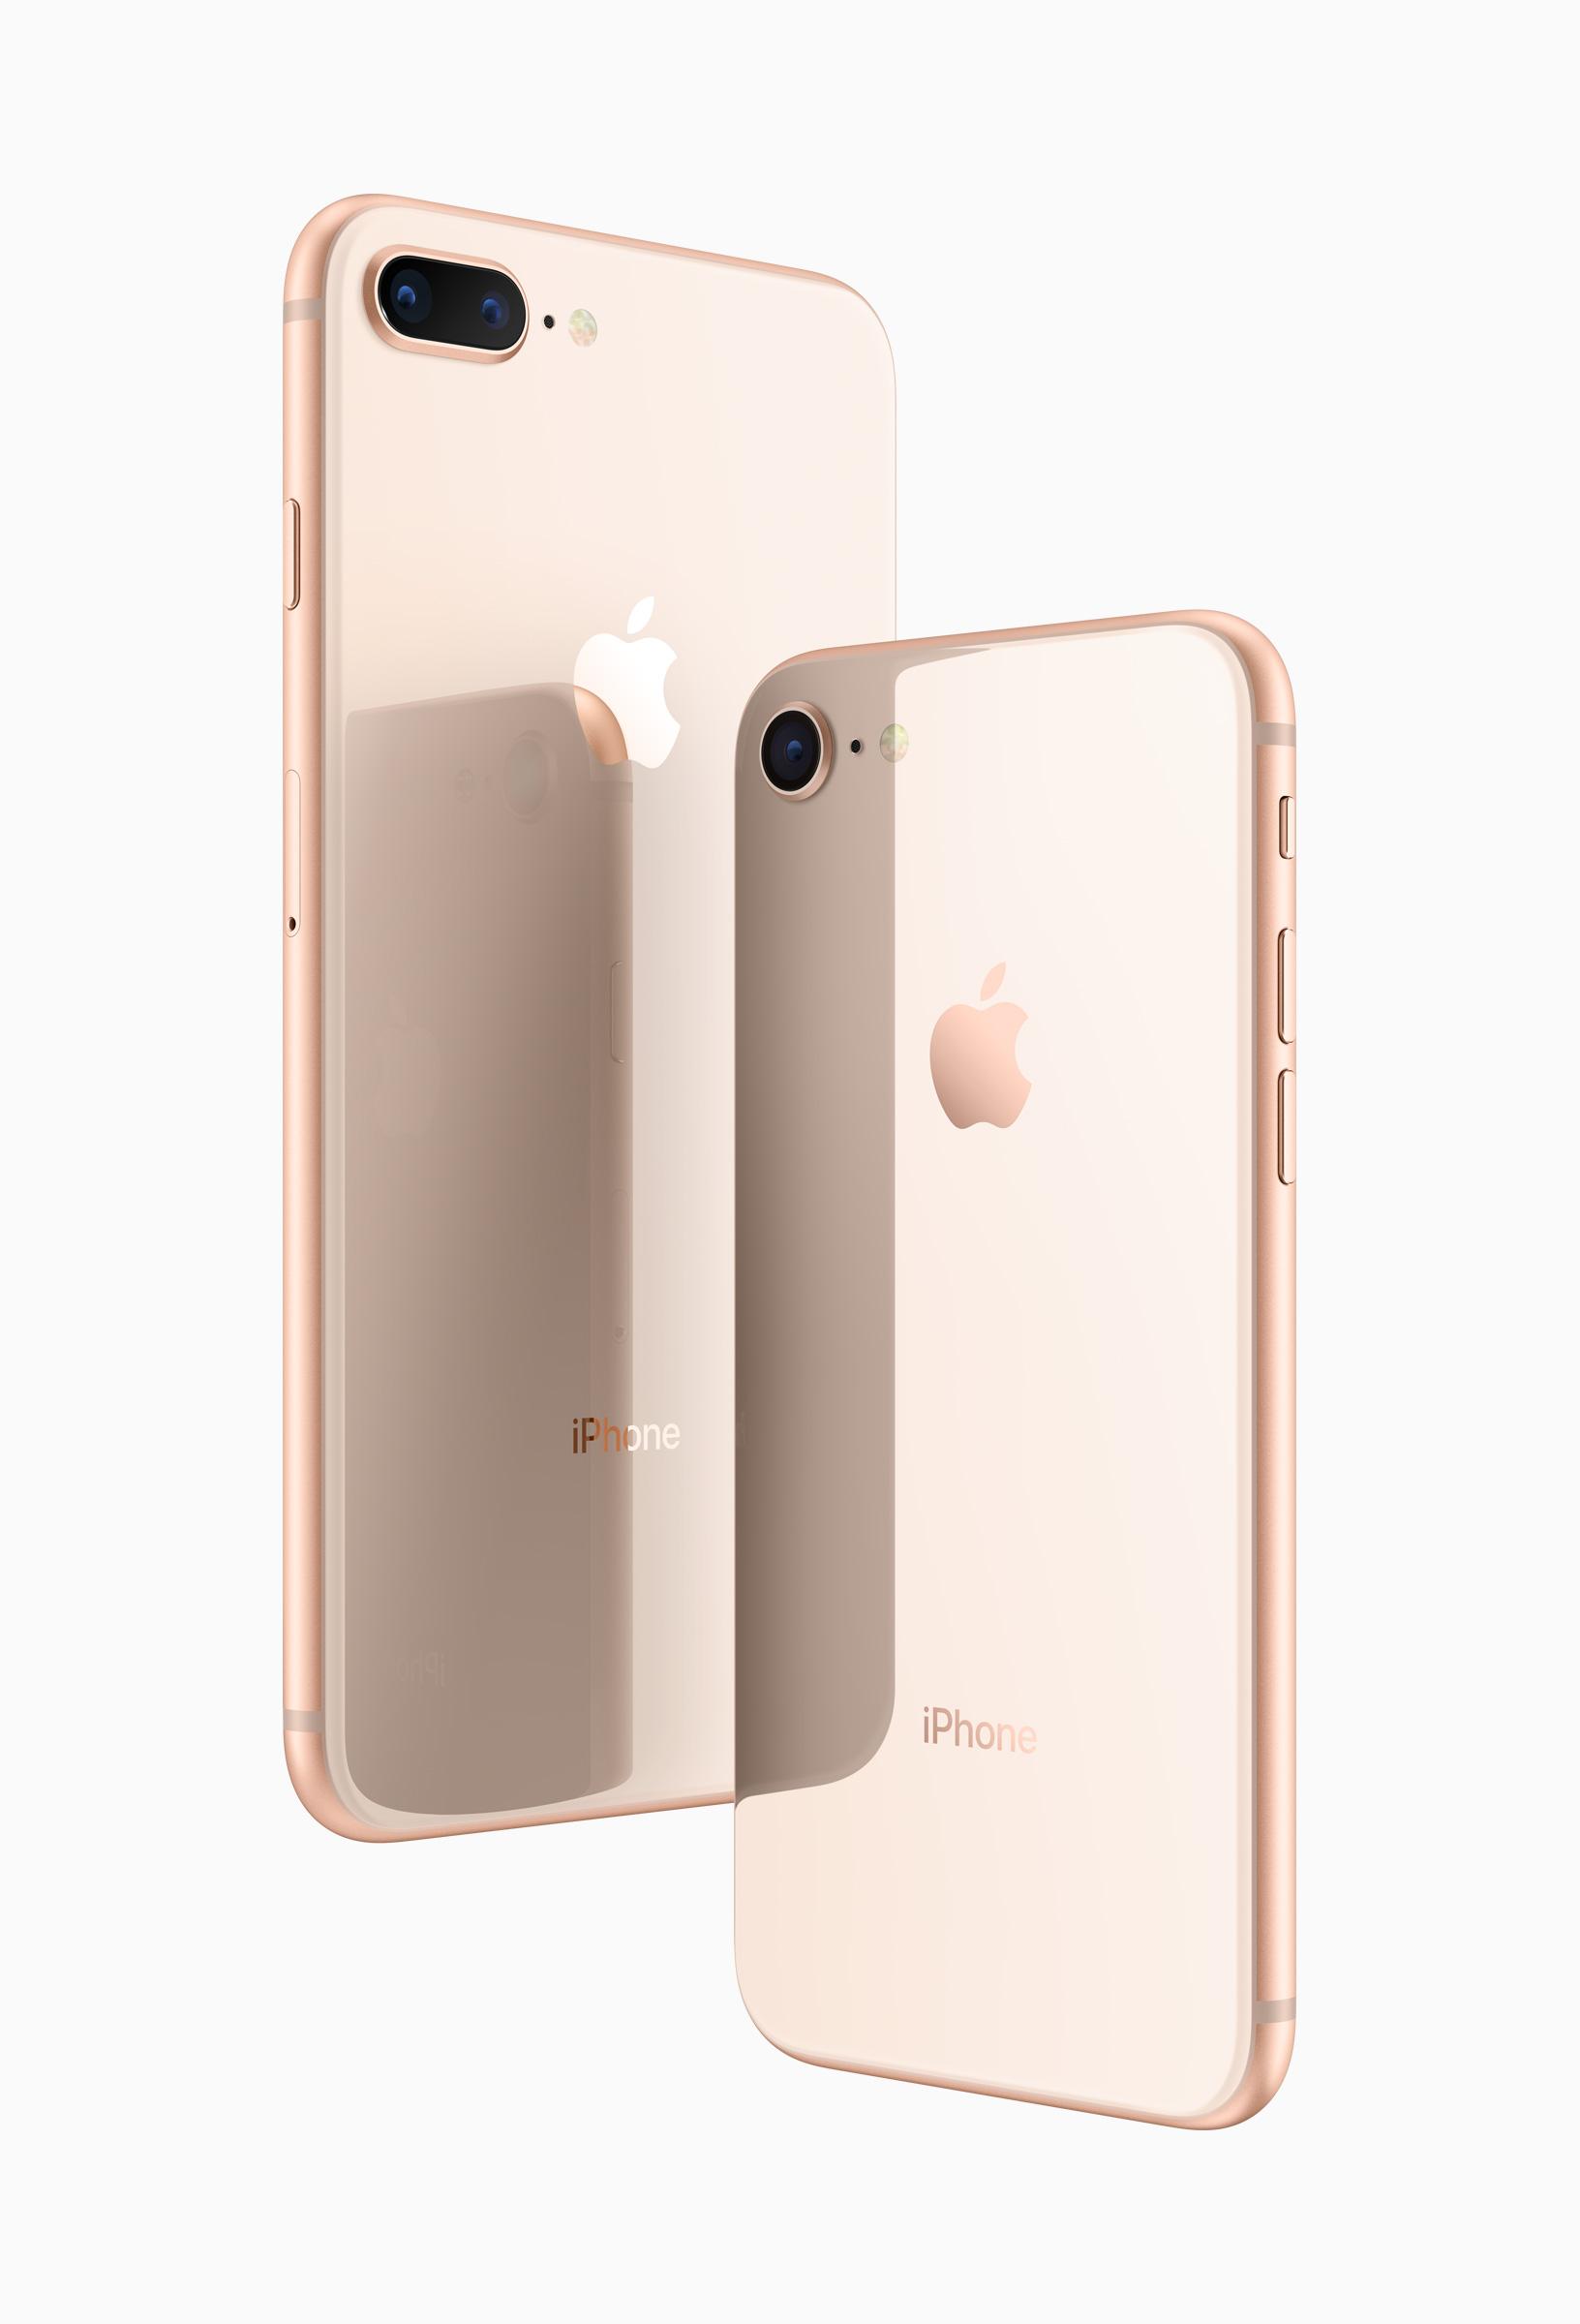 IPhone 6S Plus met abonnement vergelijken - de beste aanbiedingen Apple iPhone 6S Plus 64GB kopen met abonnement Apple iPhone 6s Plus met abonnement vergelijken - Nieuwemobiel